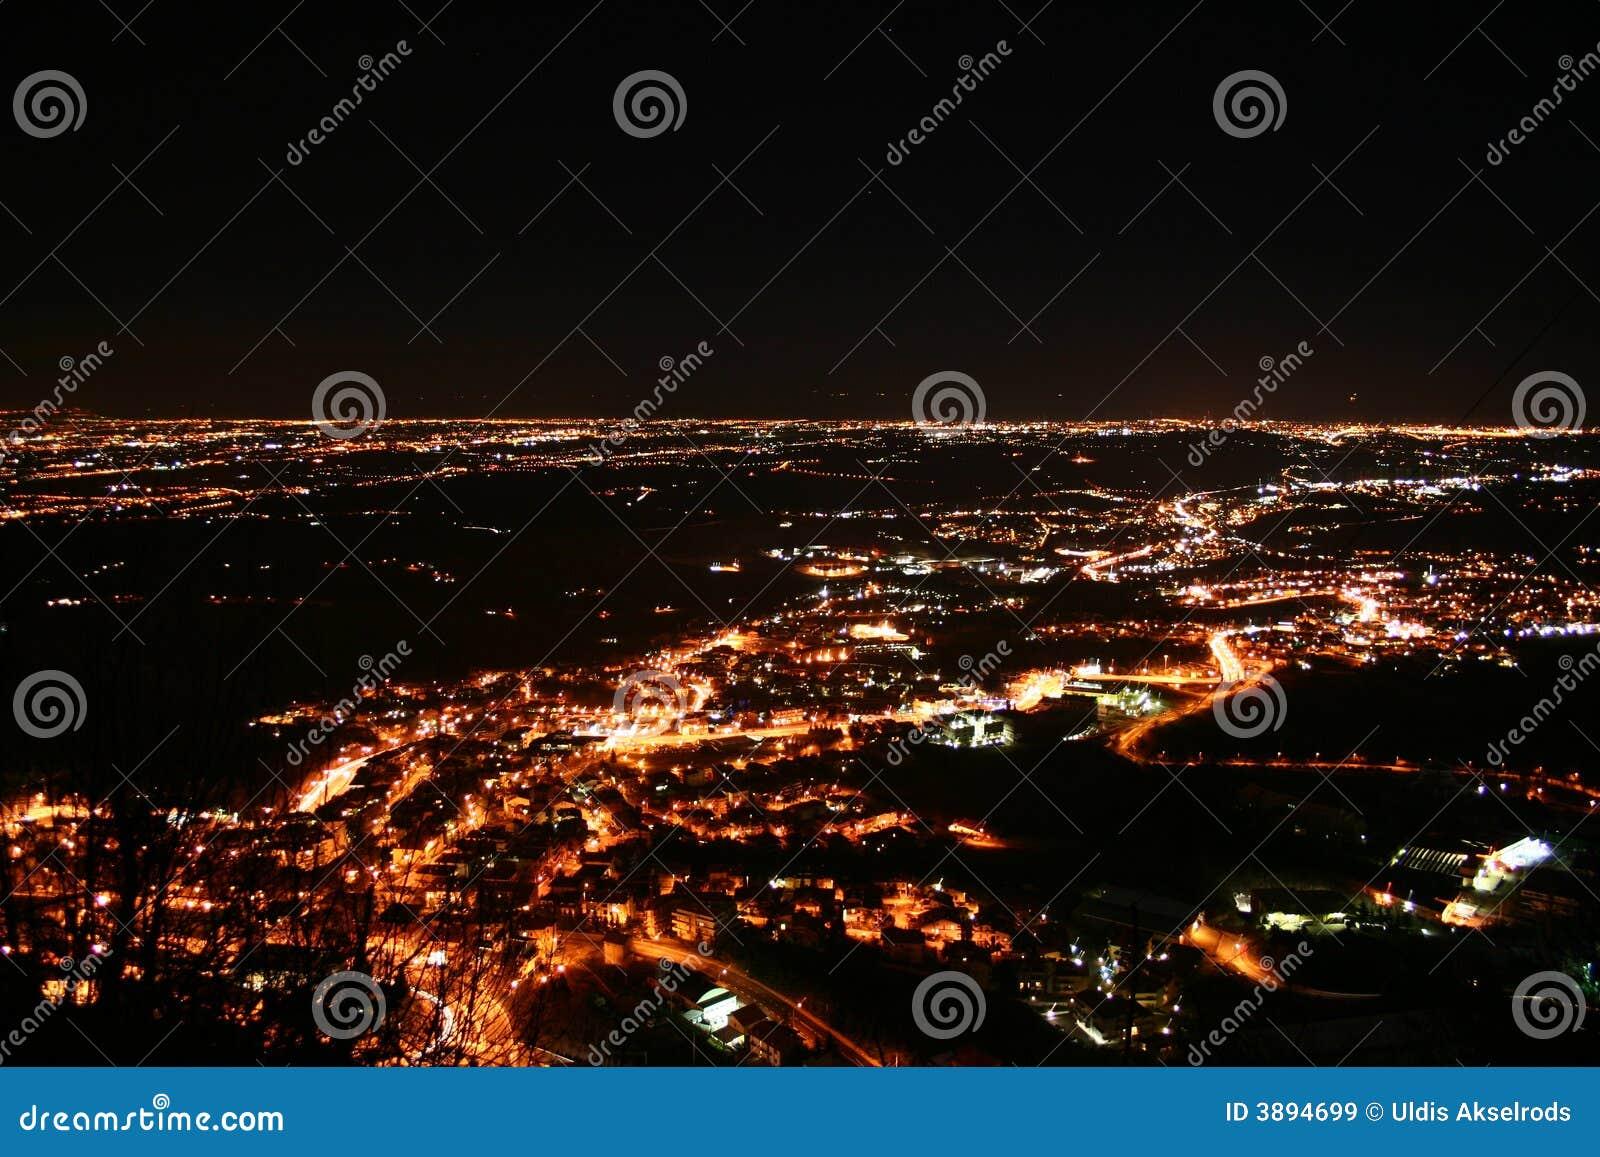 Night flight city lights in a valley